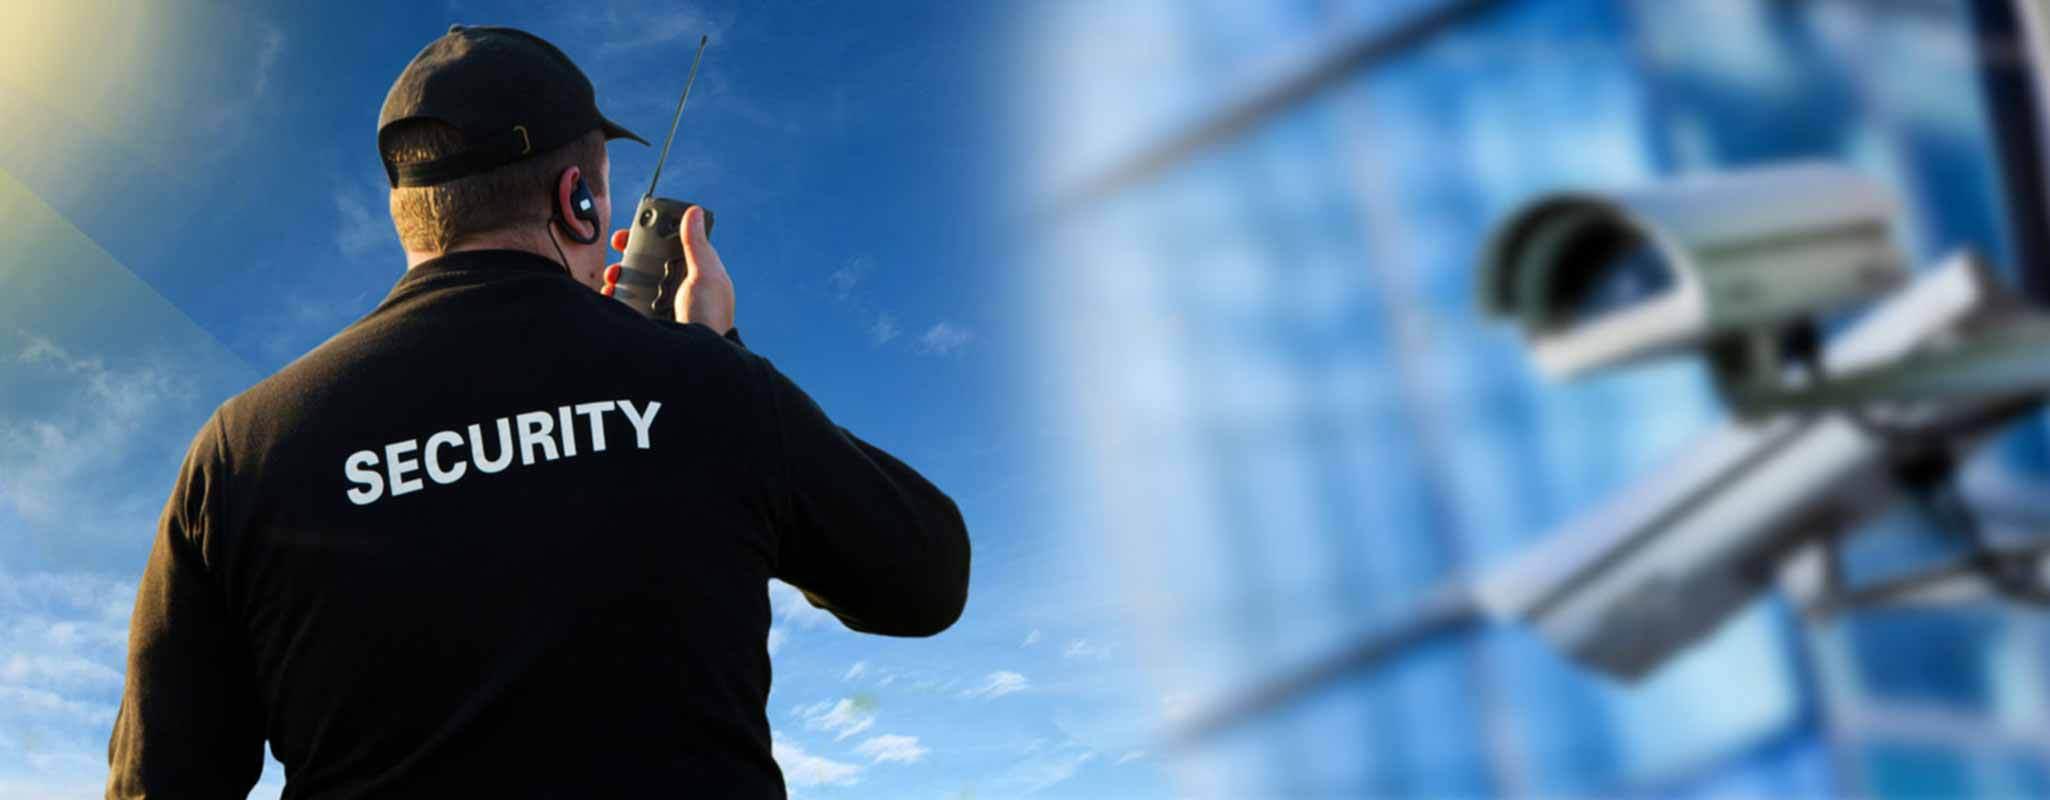 Security - O nas